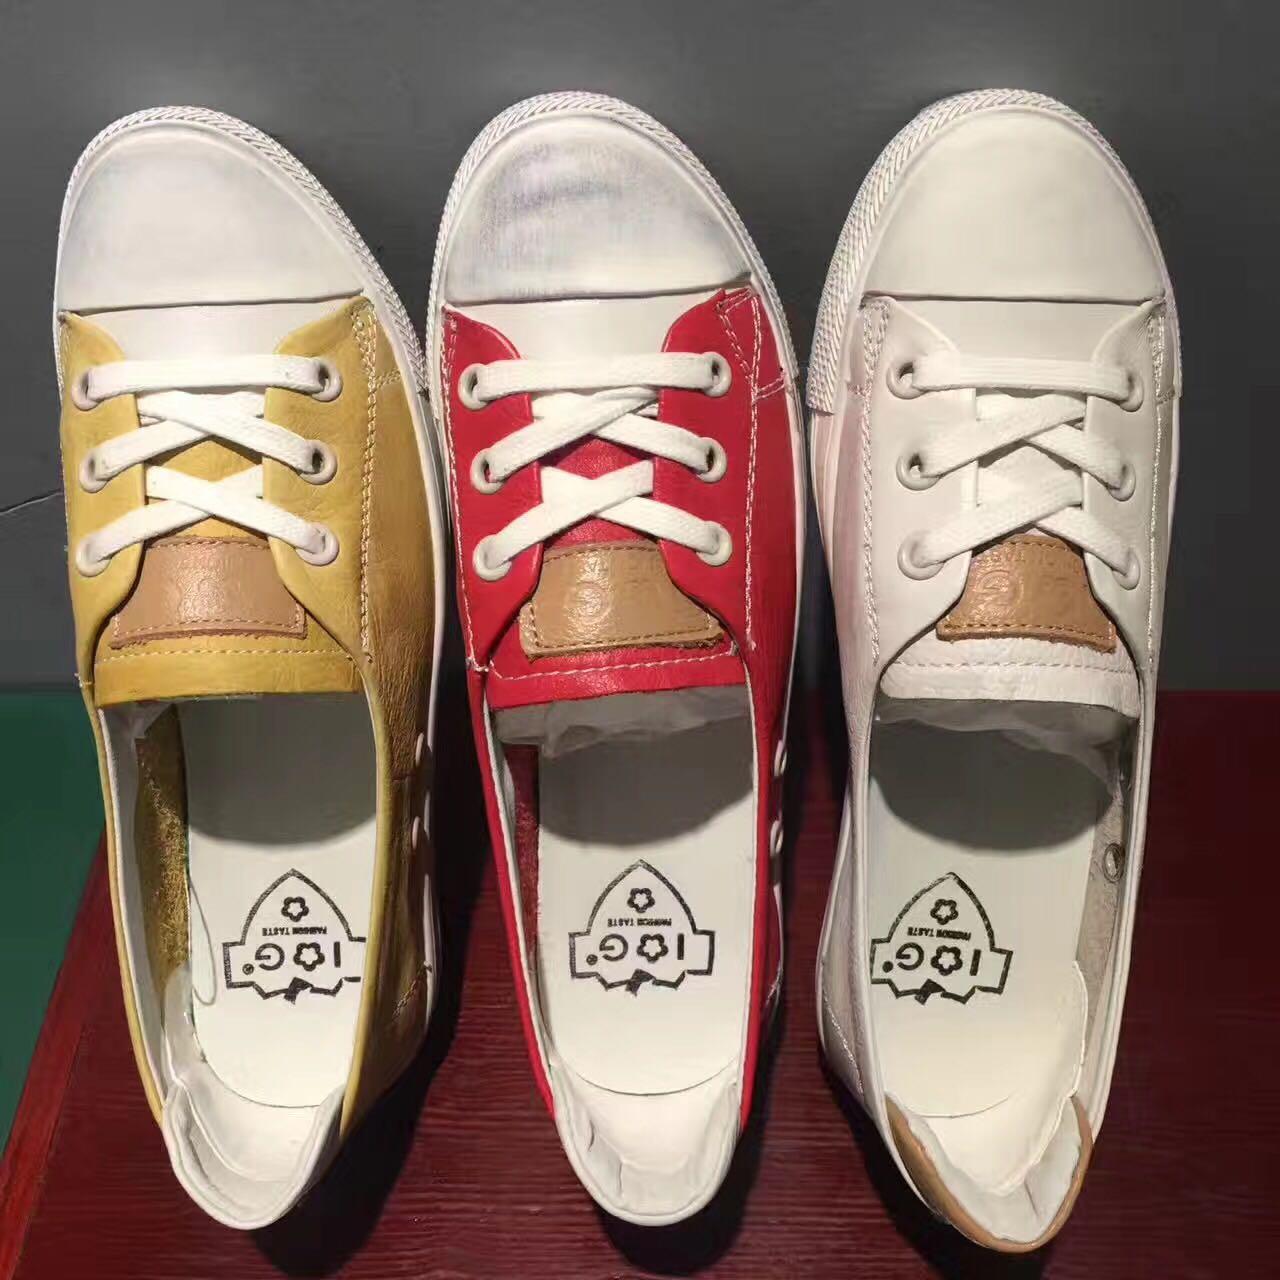 黄色平底鞋 平底小板鞋女真皮休闲鞋舒适红色板鞋黄色头层牛皮小白鞋韩版百搭_推荐淘宝好看的黄色平底鞋